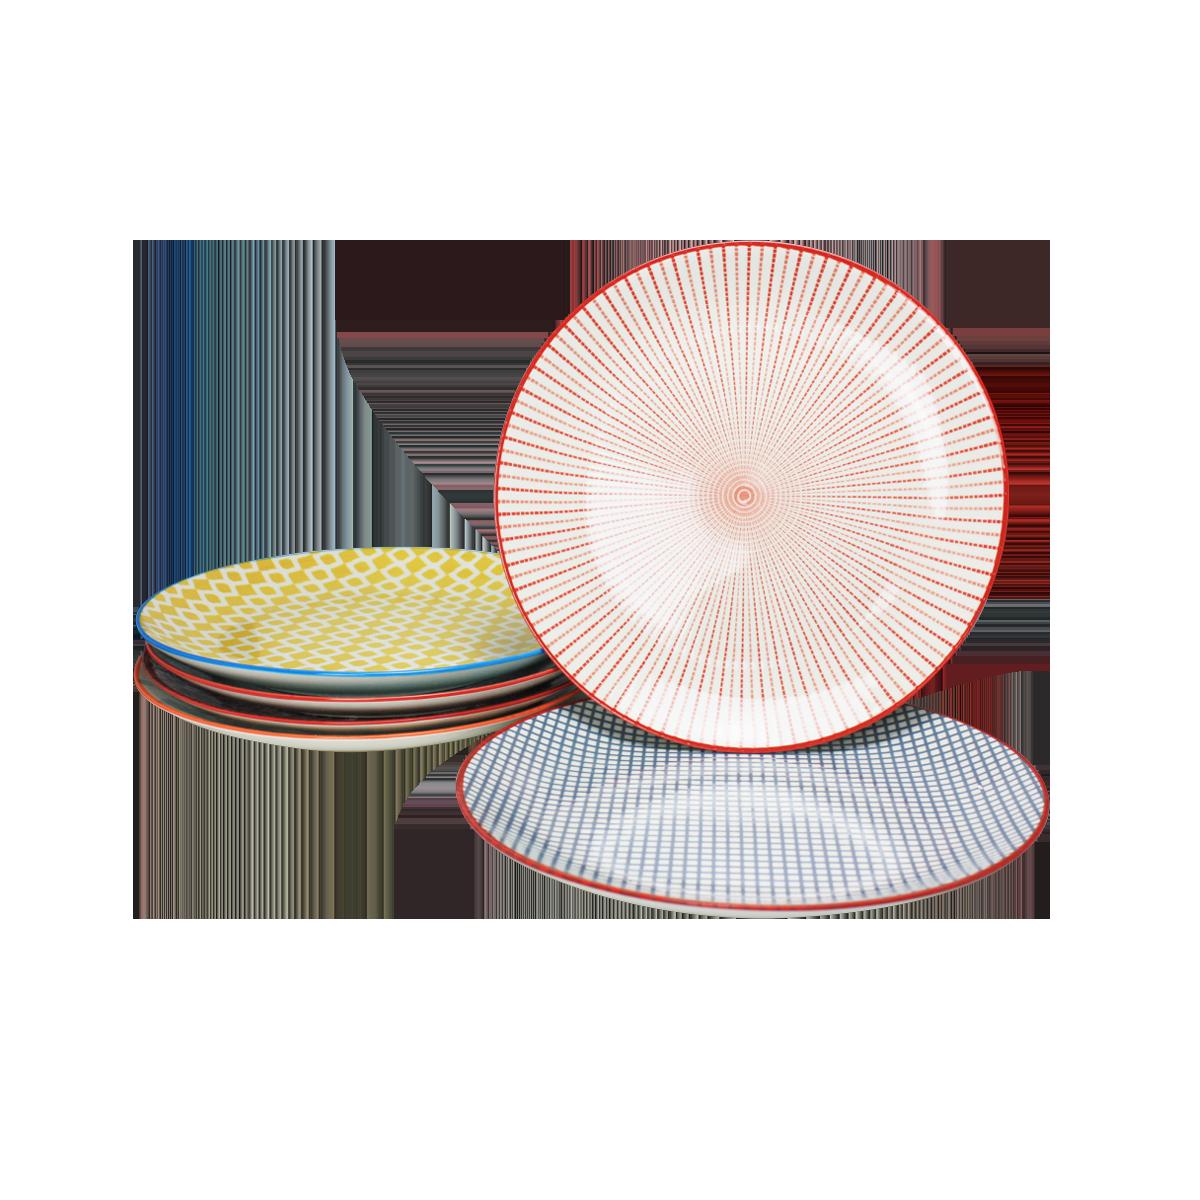 Assiette ronde Sabae design ethnique diam 26.5 cm lot de 6